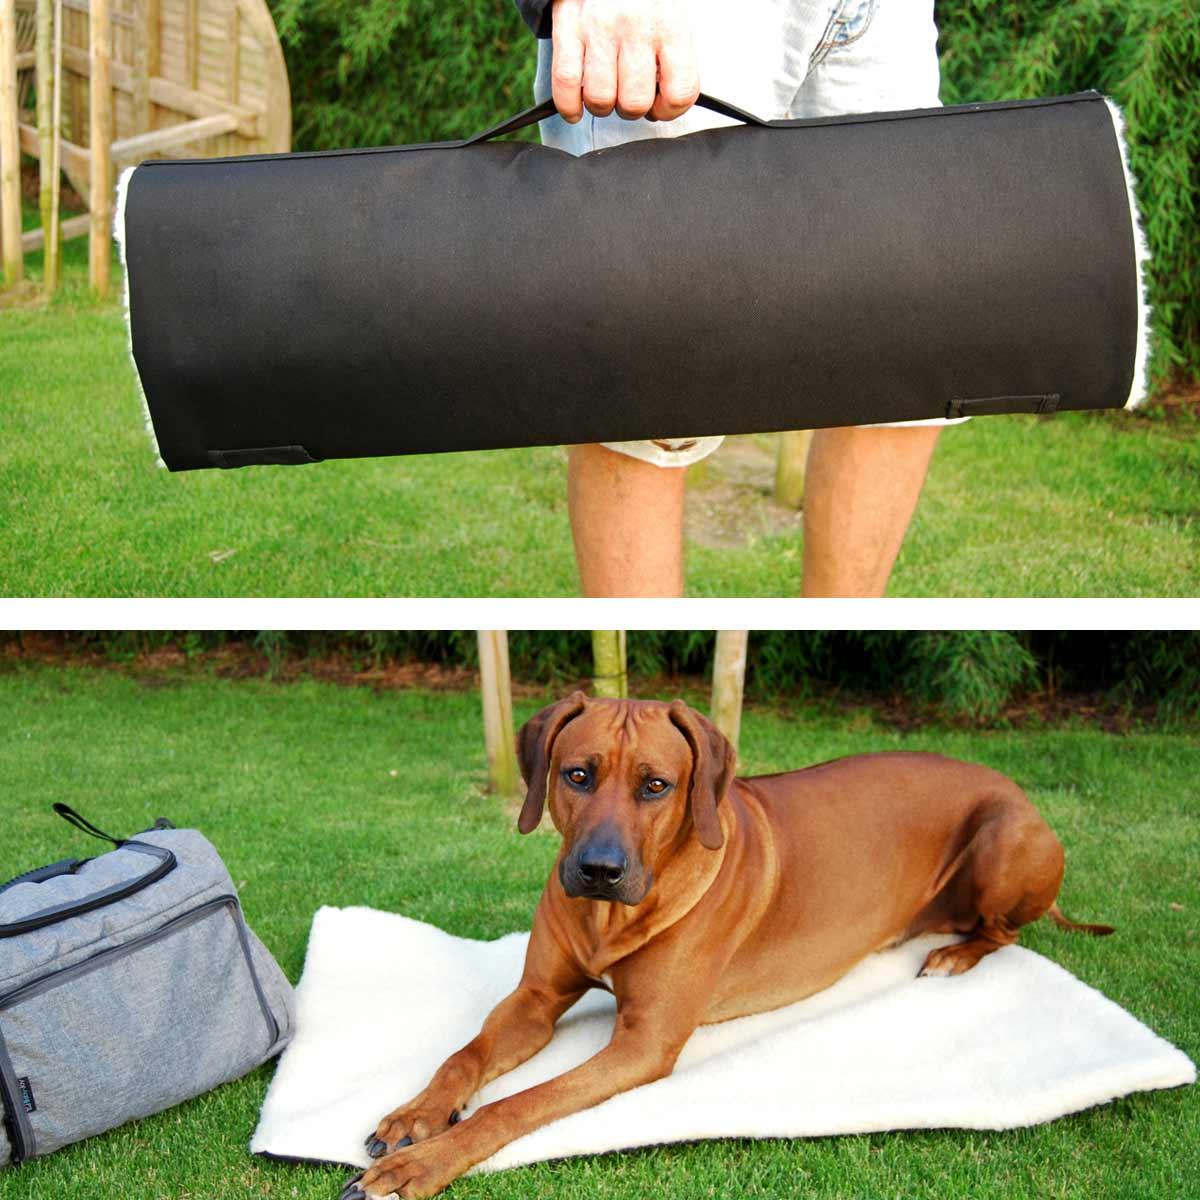 joodog MOVE - Praktische Rolldecke für unterwegs, wasserabweisend, Orthopädische Hundematte, Hundebetten Grosshandel, Wholesale.